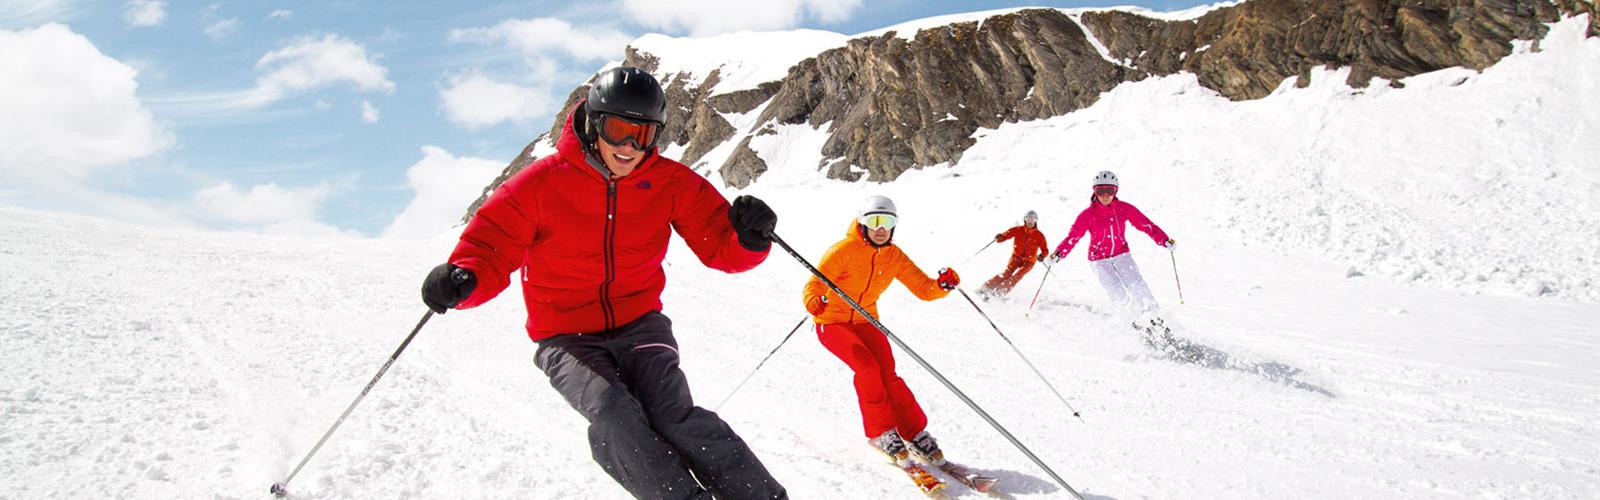 Esquiando con seguridad